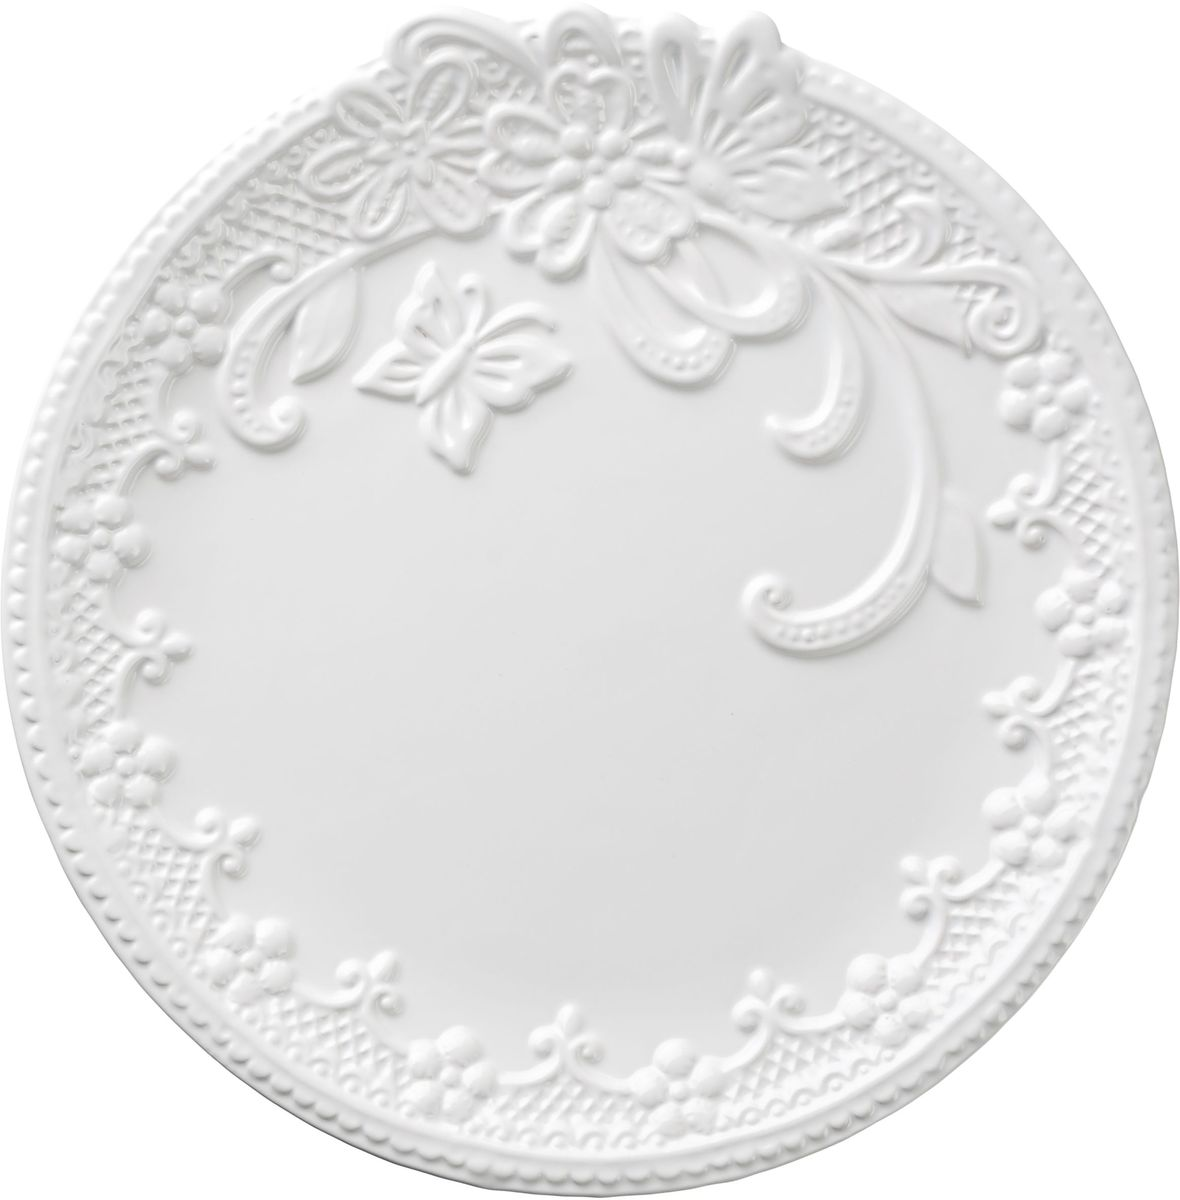 Тарелка Vetta Бабочка, диаметр 26 см824783Тарелка Бабочка, выполненная из высококачественной керамики белого цвета, украшена рельефным рисунком в виде узоров, бабочек и цветов. Такая тарелка прекрасно подойдет как для торжественных случаев, так и для повседневного использования. Идеальна для подачи вторых блюд. Тарелка Бабочка прекрасно оформит стол и станет отличным дополнением к вашей коллекции кухонной посуды.